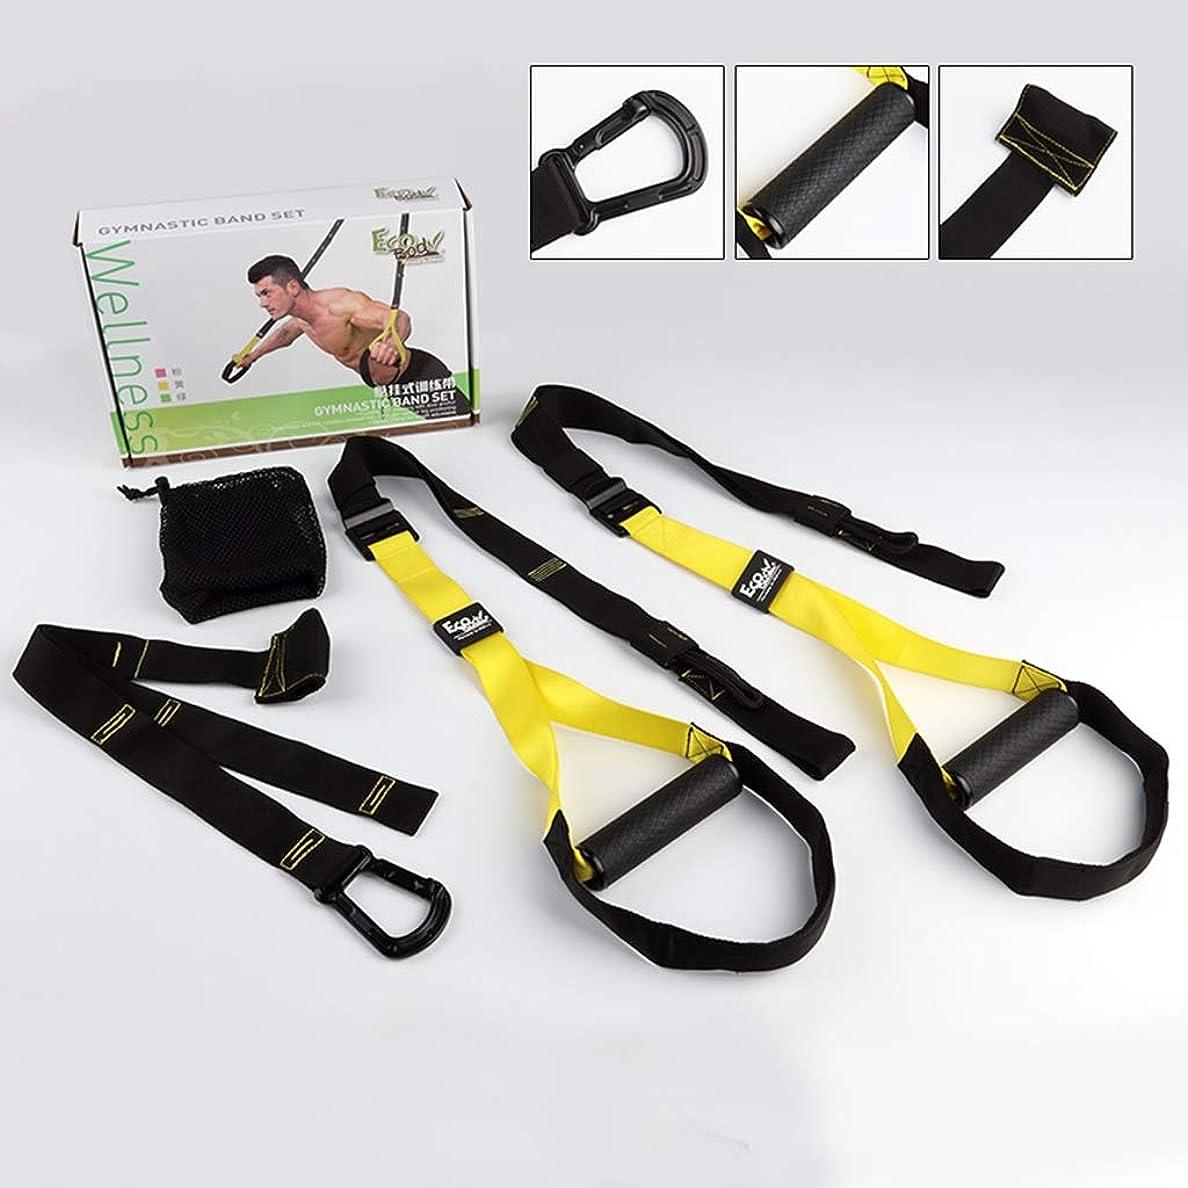 師匠ワイド安全プルロープ男性の胸の抵抗運動家スクワットフィットネス機器と吊り訓練 (色 : Fitness stretch three piece suit)